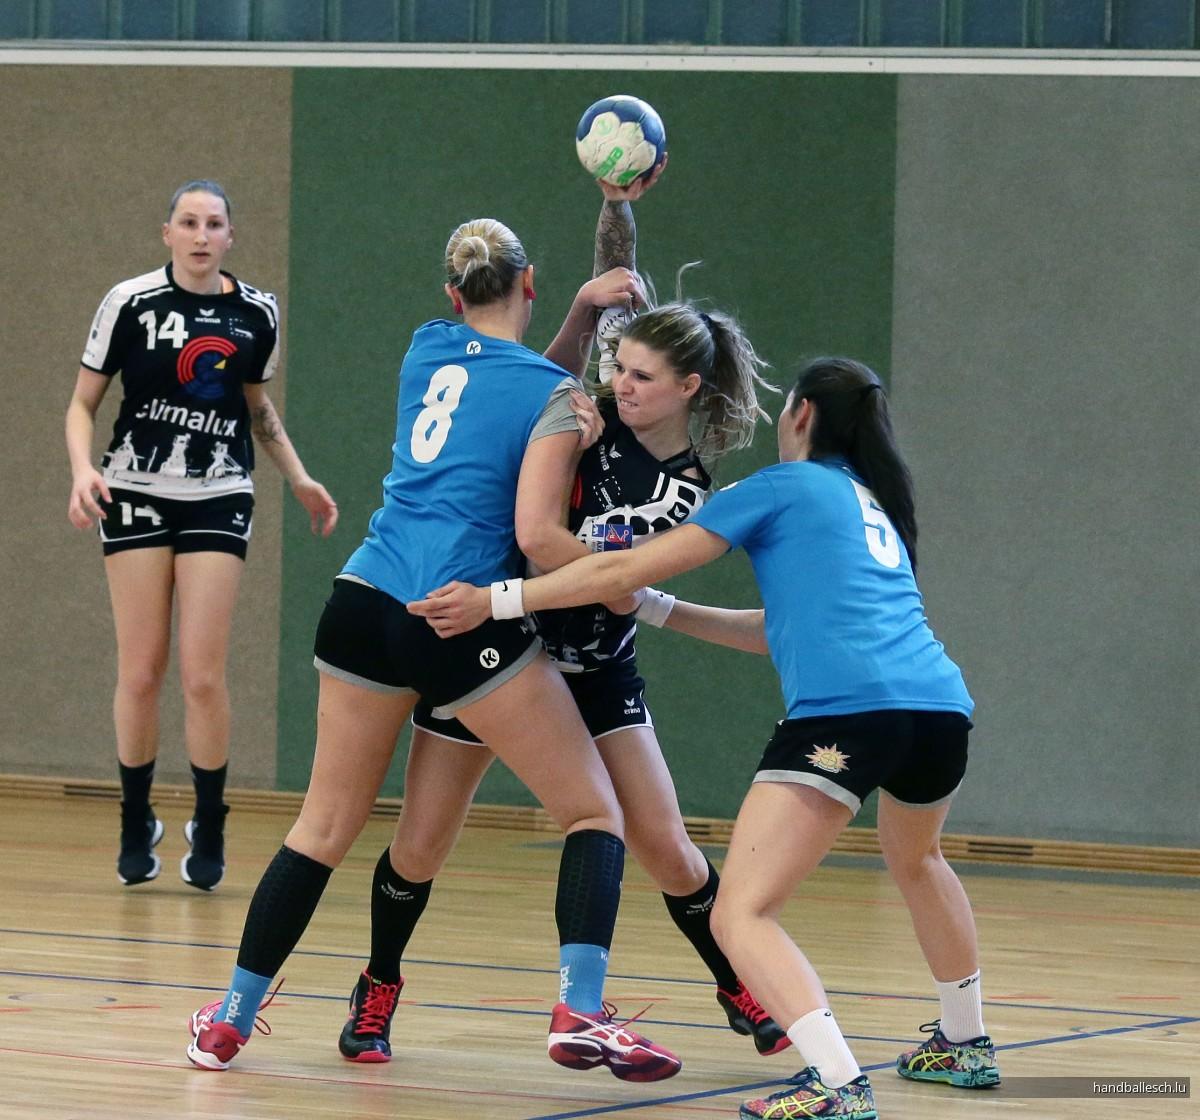 Fotoen//16.02.2020//Dammen: Handball Esch - HC de Bure (Frëndschaftsmatch)